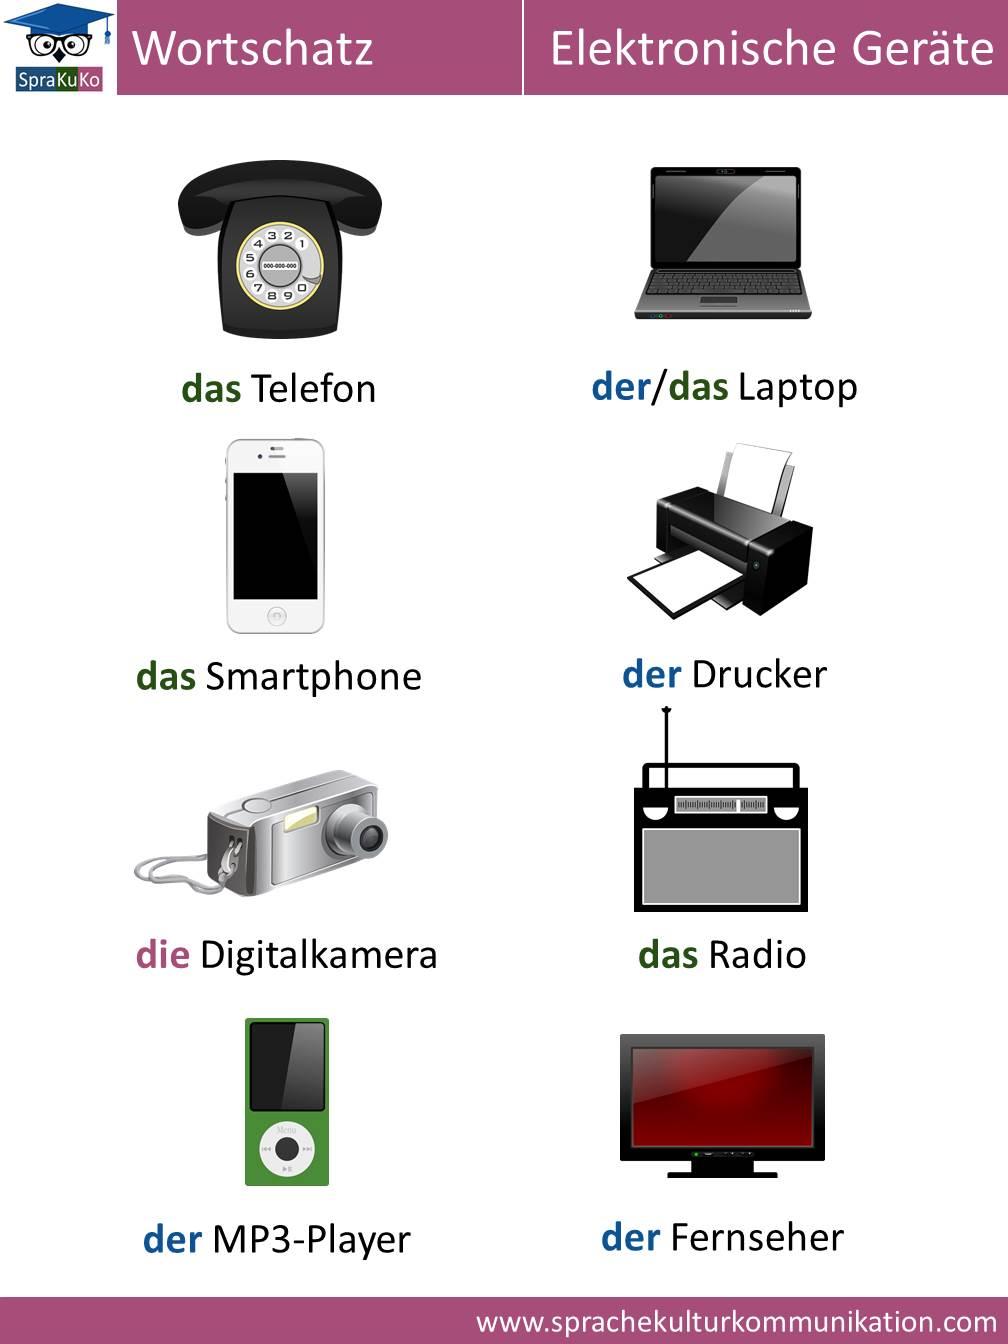 Wortschatz Elektronische Geräte.jpg